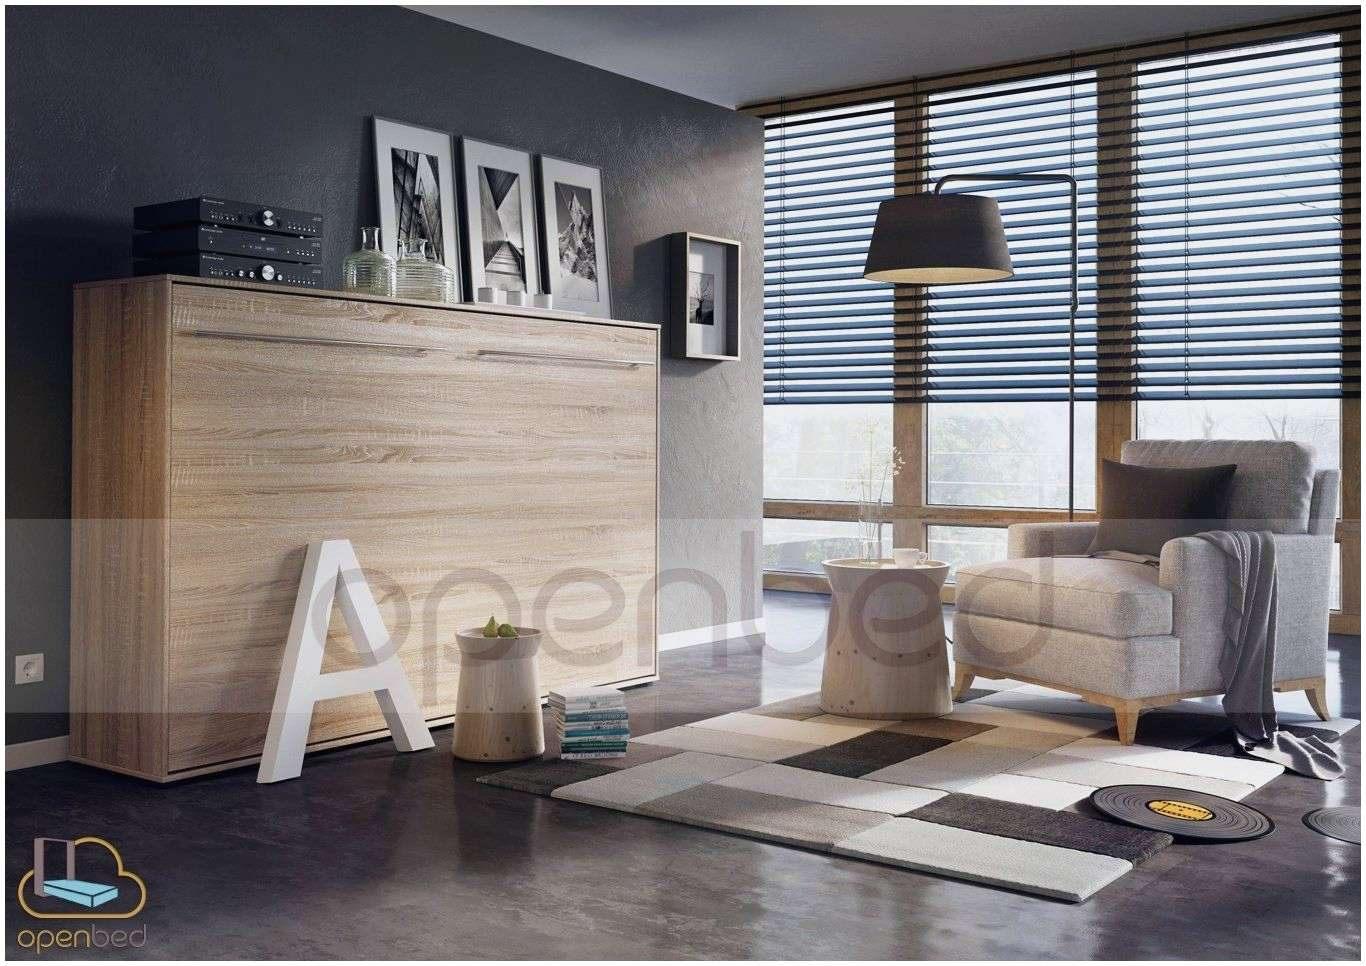 Armoire Lit Escamotable Ikea Charmant Nouveau Lit Encastrable Ikea Armoir Lit Escamotable Lit Armoire